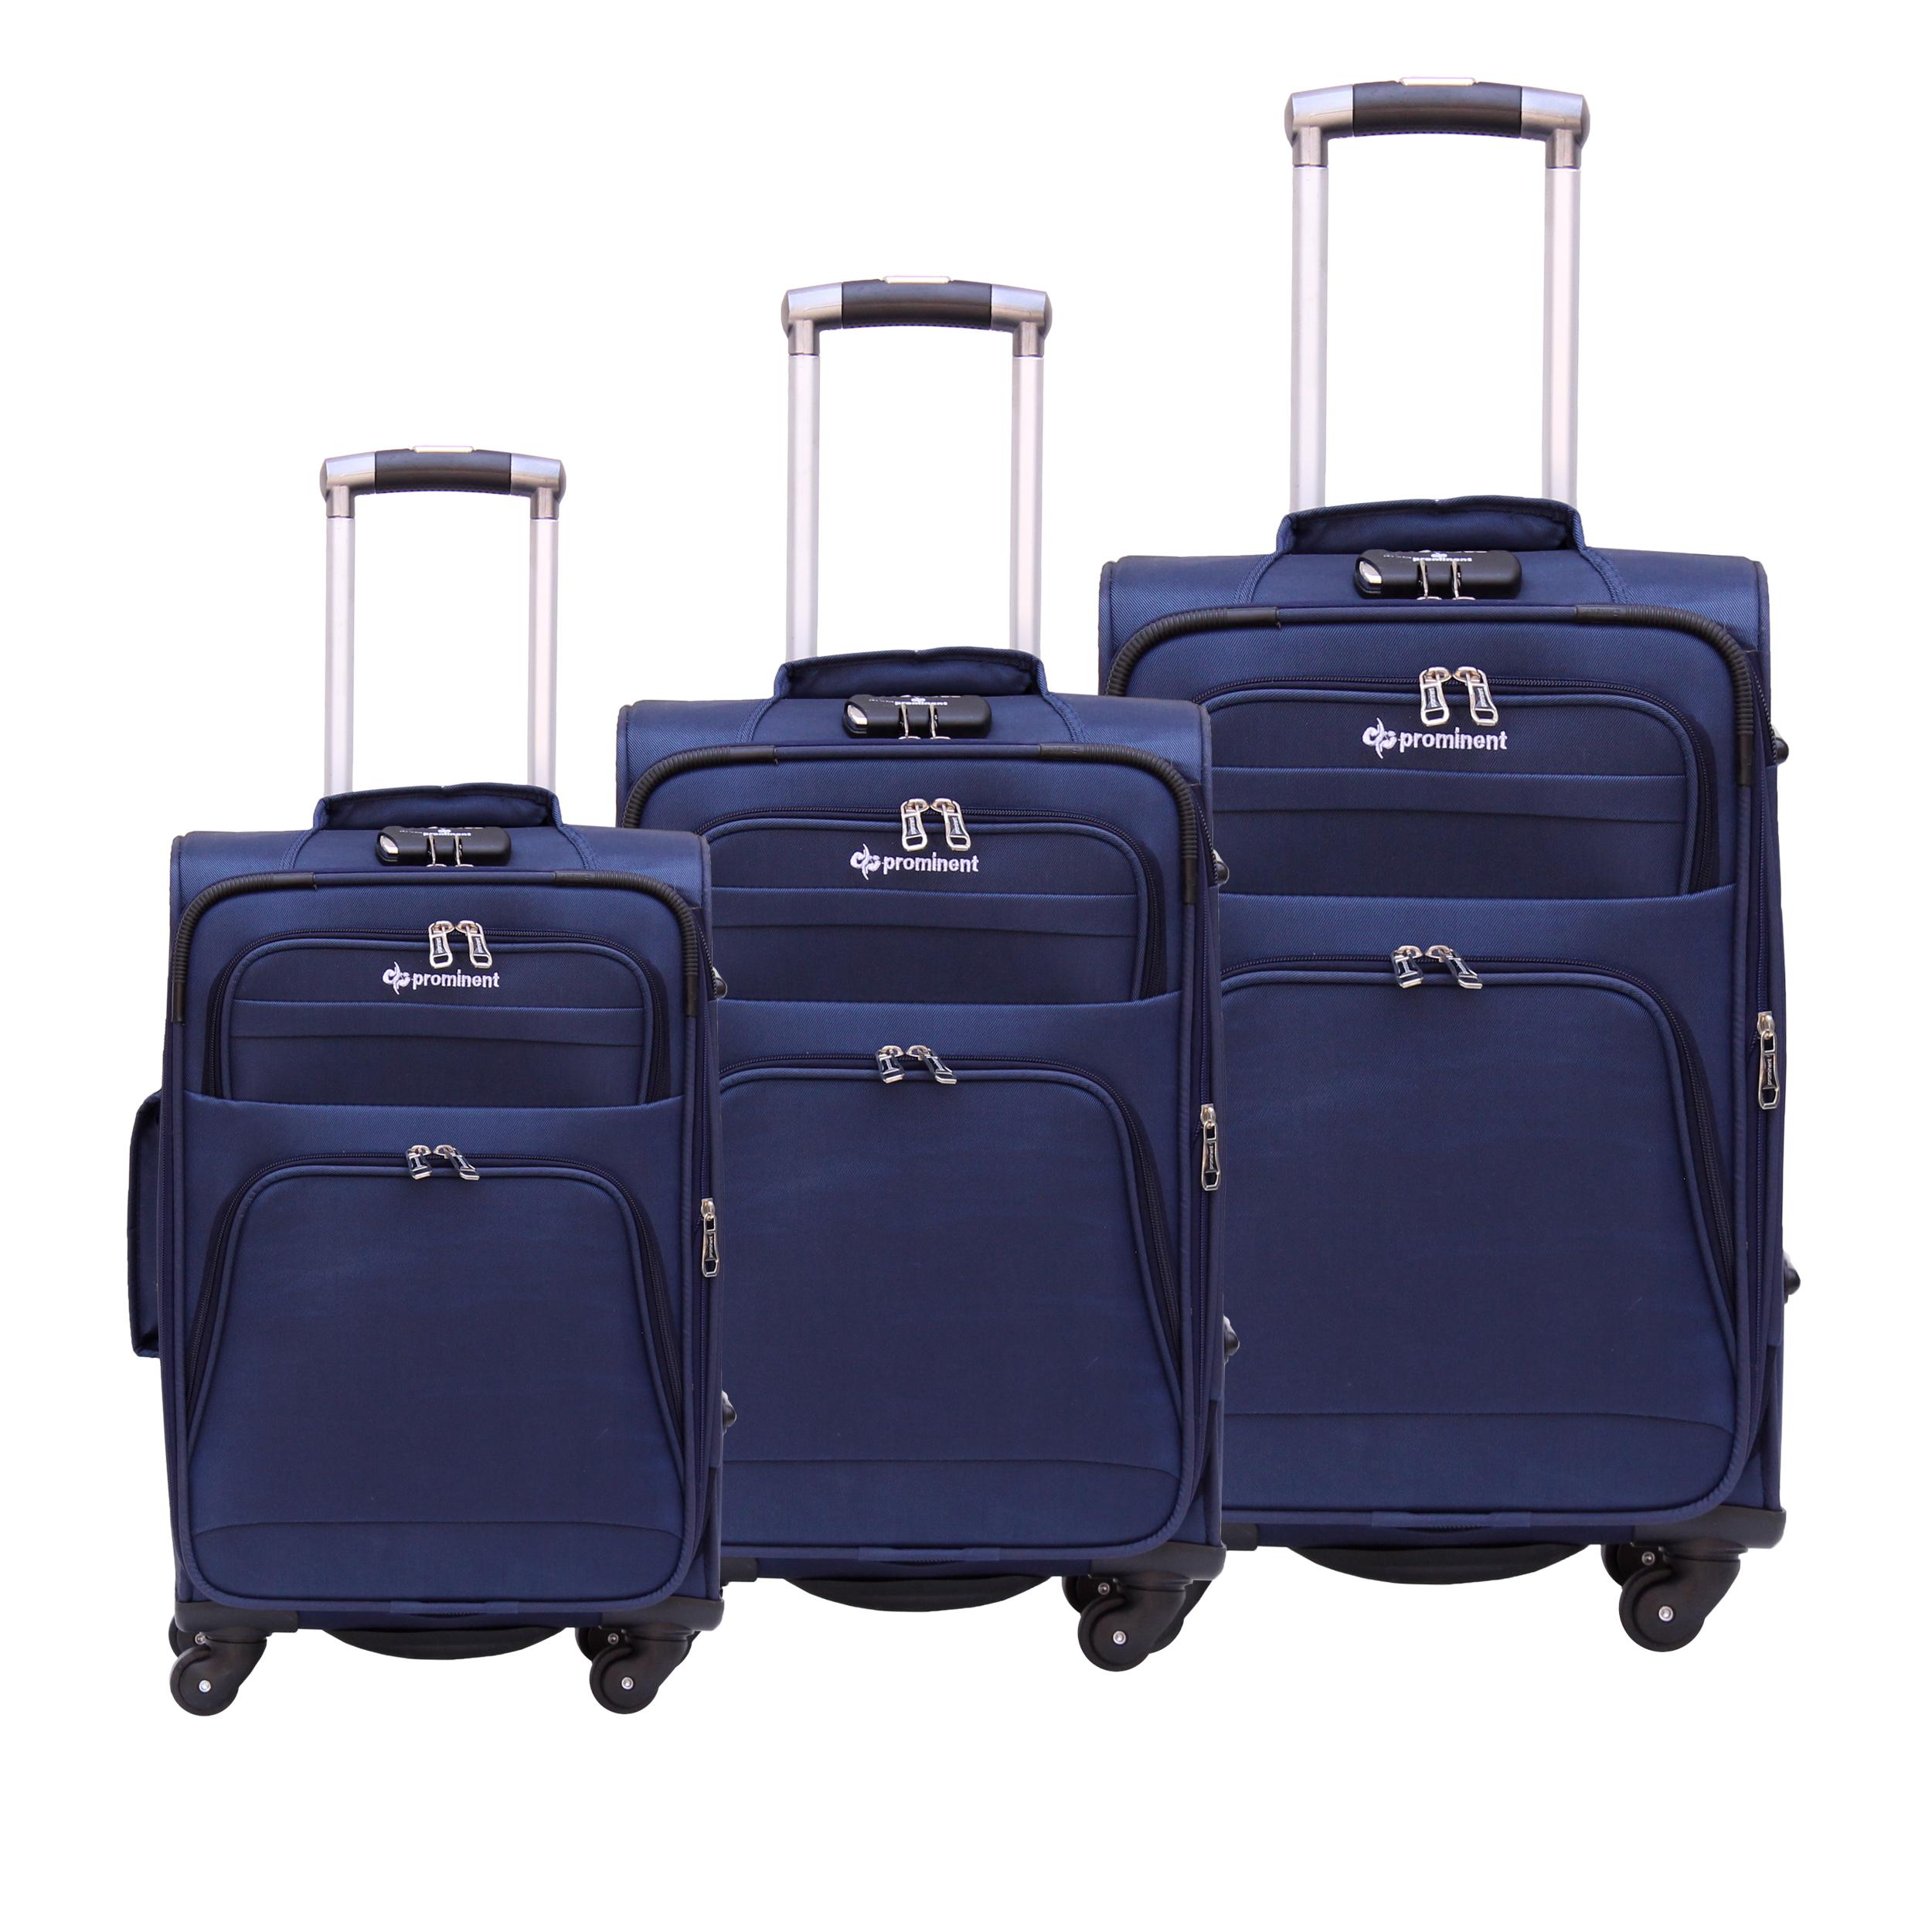 مجموعه سه عددی چمدان پرومینت مدل P 121